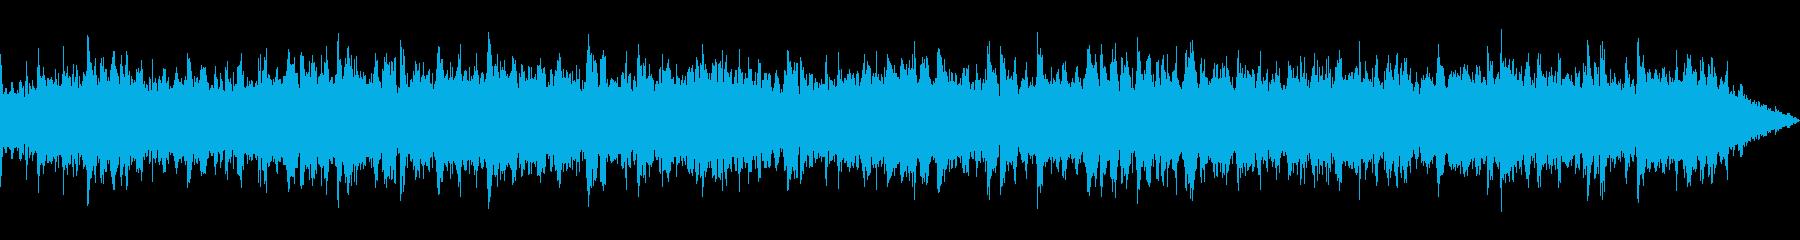 【主張しない背景音楽】儚げ1【ループ】の再生済みの波形